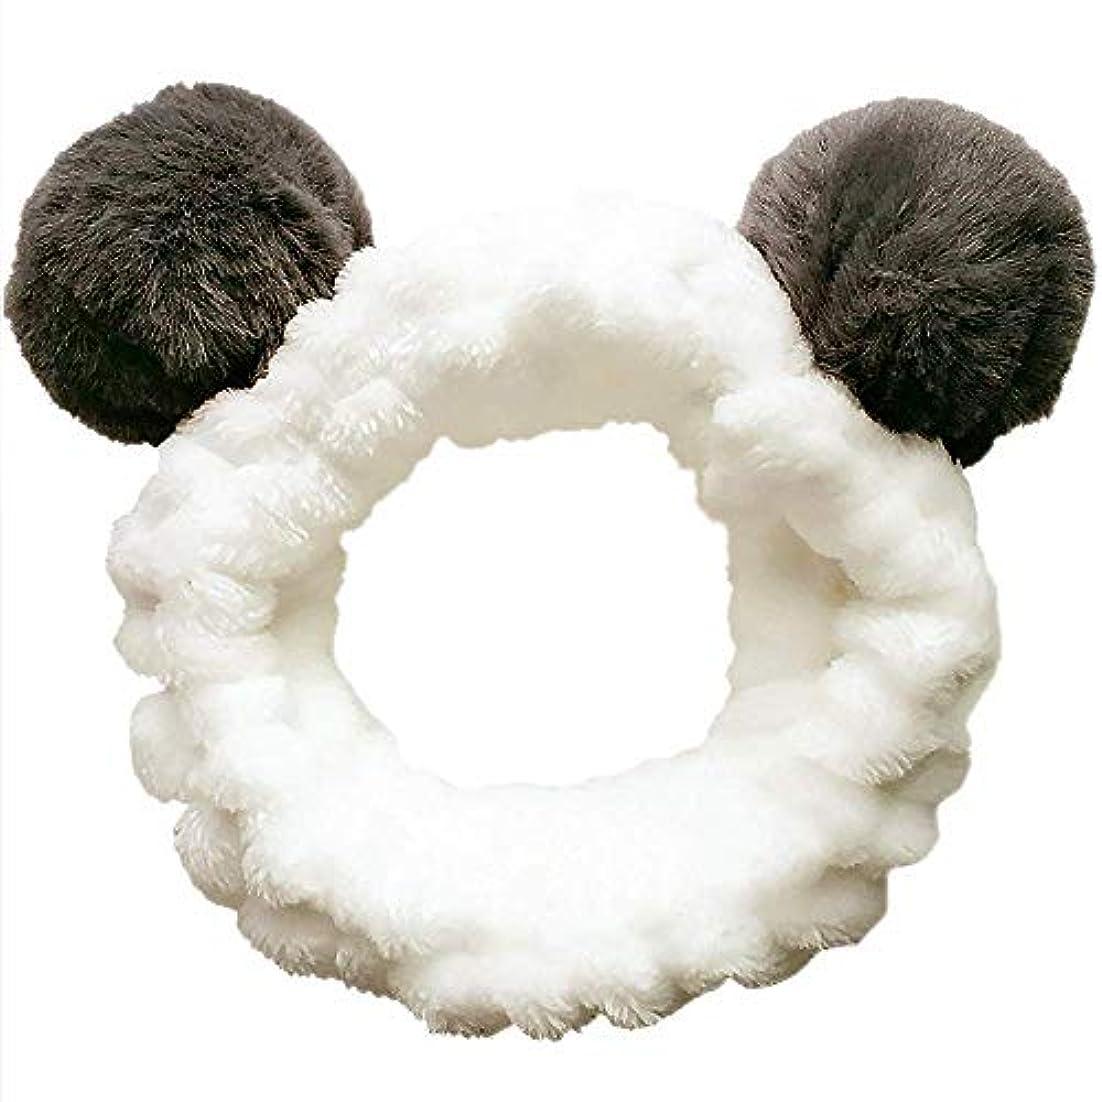 あいまい影ピグマリオンヘアバンド 洗顔 動物 パンダ型 柔らかい 吸水 ターバン レディース ヘアアレンジ 伸縮性あり アニマル ふわふわ